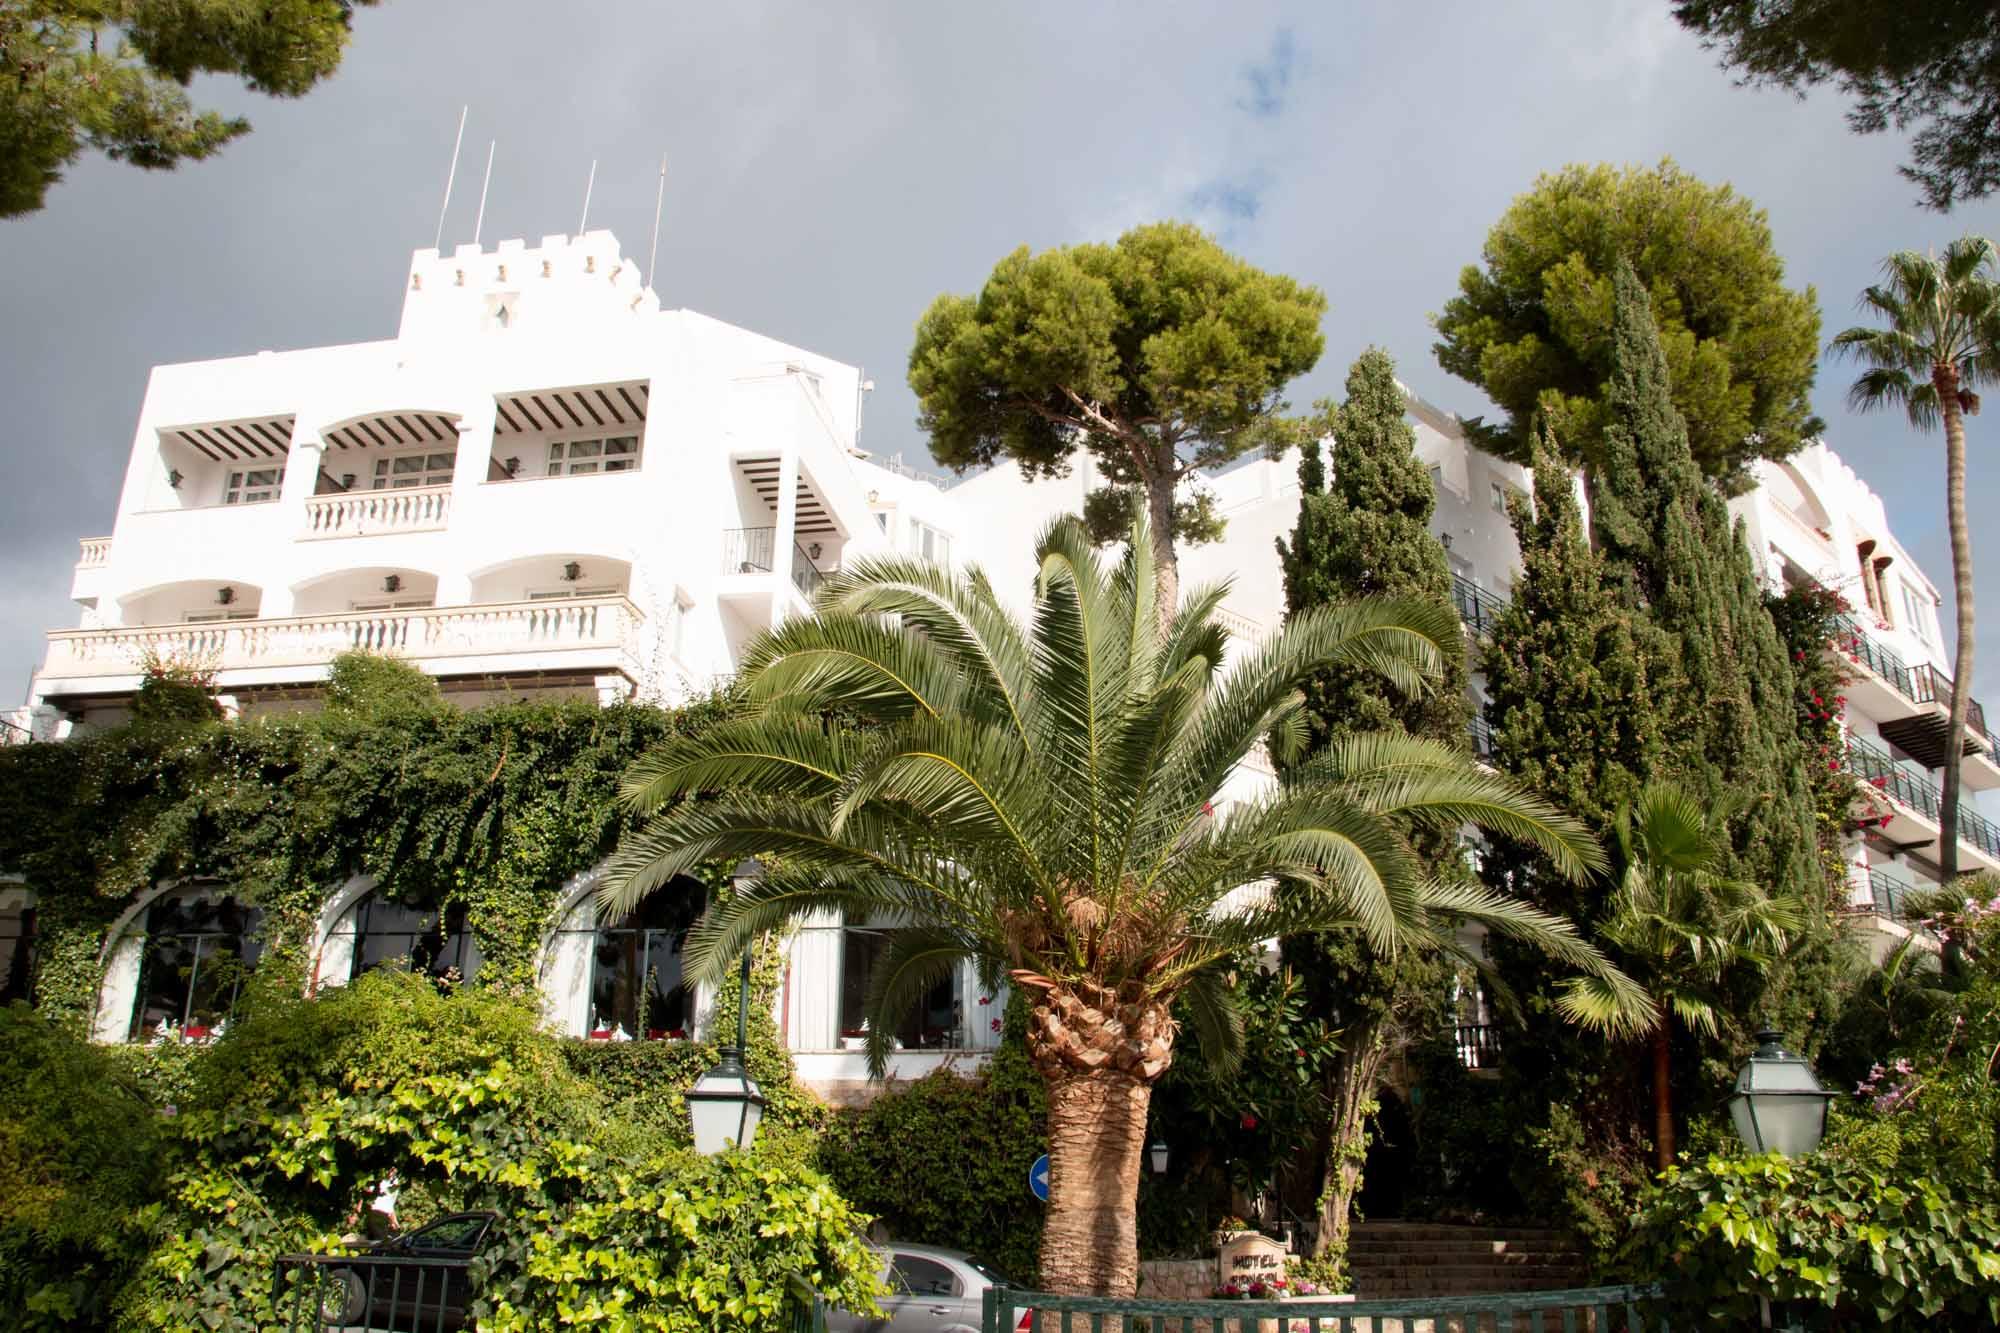 Das Hotel Bonsol erinnert äußerlich an eine Burg / Foto: Ingo Paszkowsky